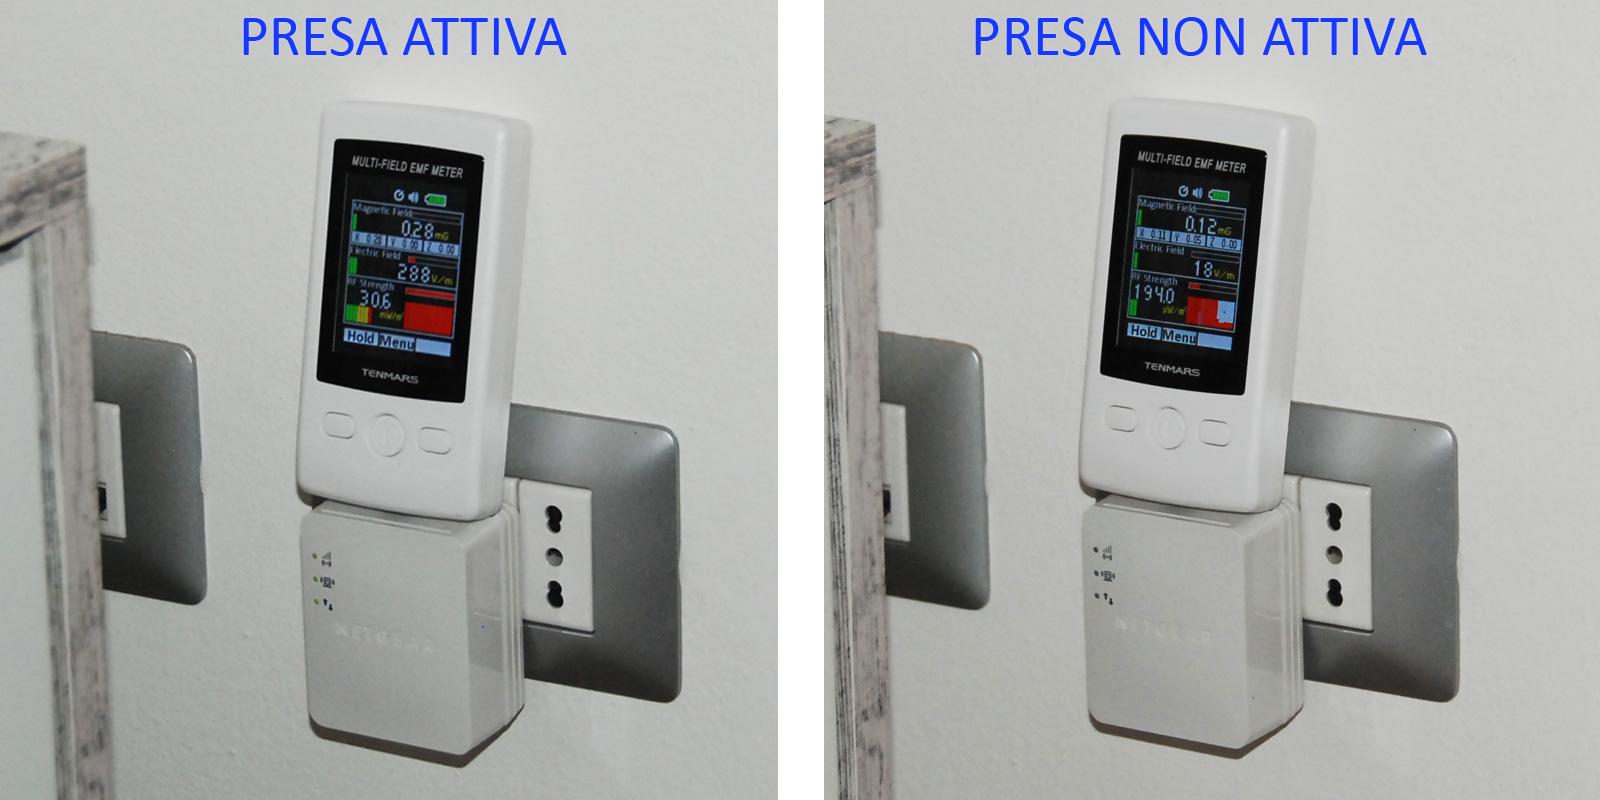 Control Casa, domotica, impianto domotico, elettrosmog, onde elettromagnetiche, ripetitore WiFi, elettrosmog degli elettrodomestici